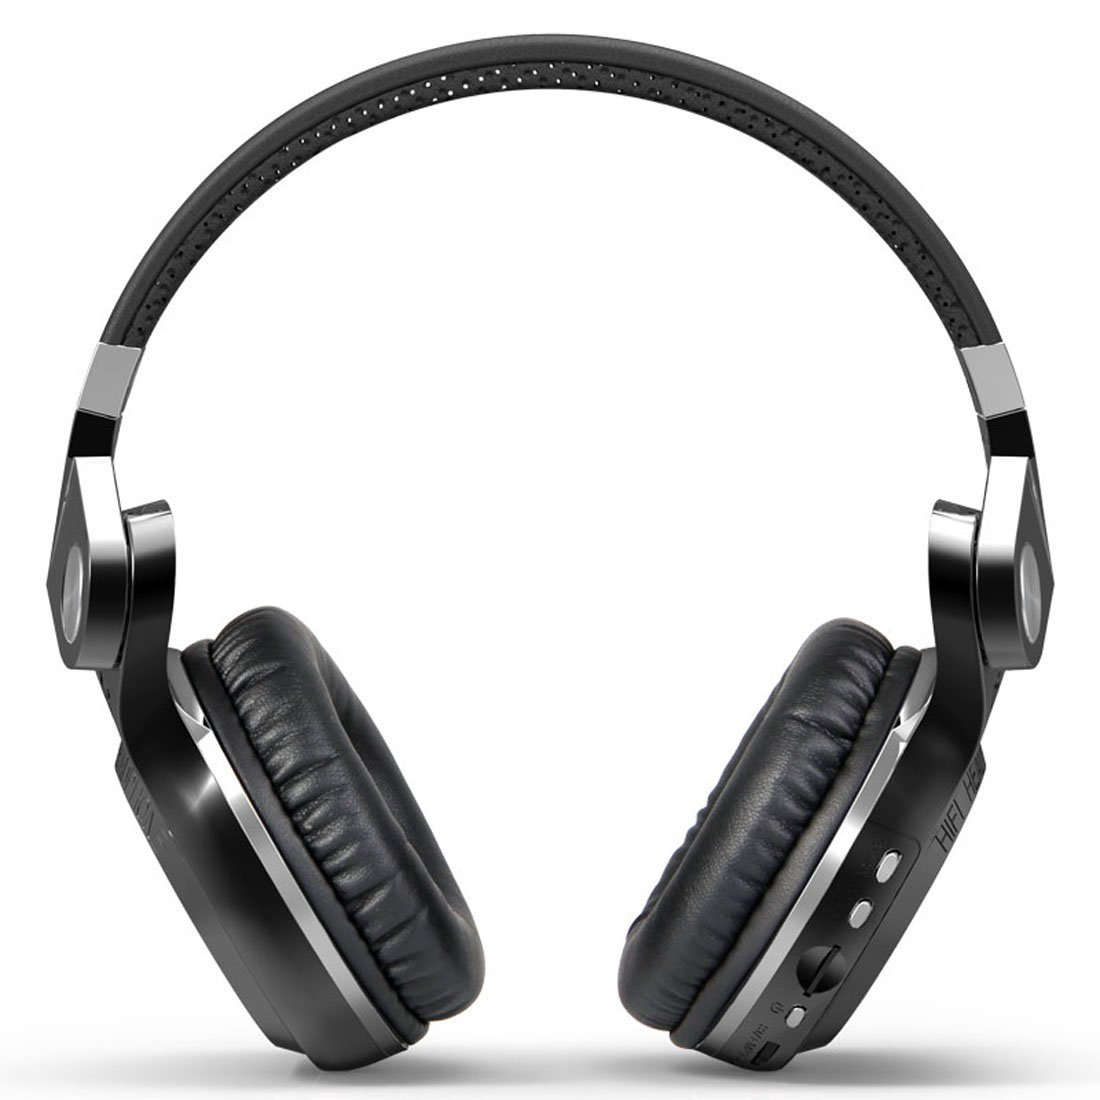 Bluedio dây xanh T2 + (Turbo 2 upgrade edition) / FM bão Series xoay thức sáng tạo thiết kế kiểu đầu